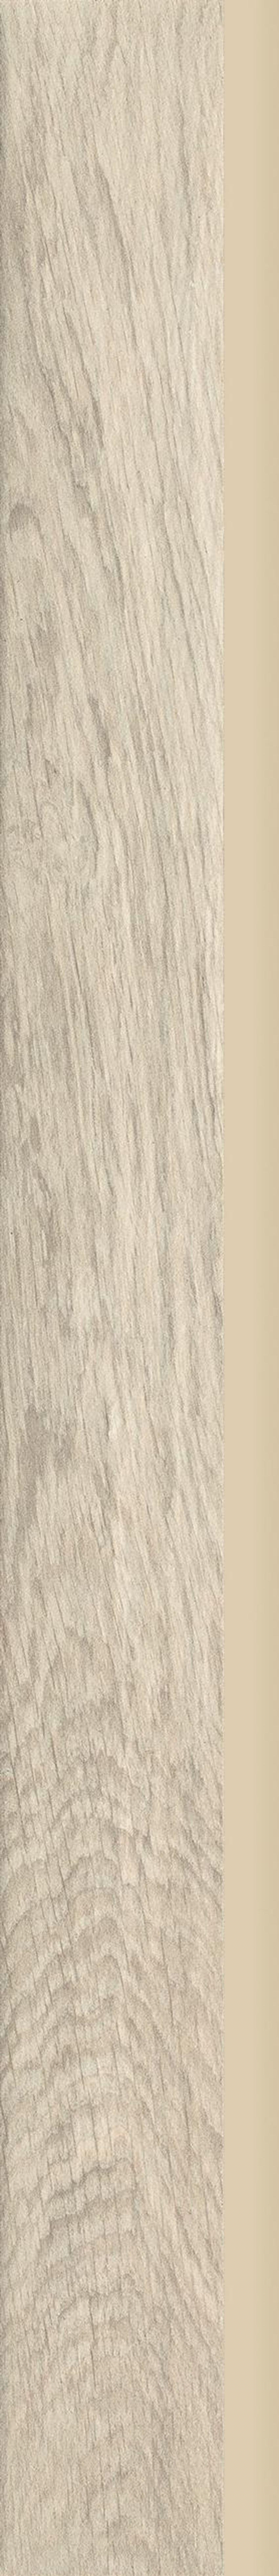 Dekoracja podłogowa Paradyż Wood Basic Bianco Cokół